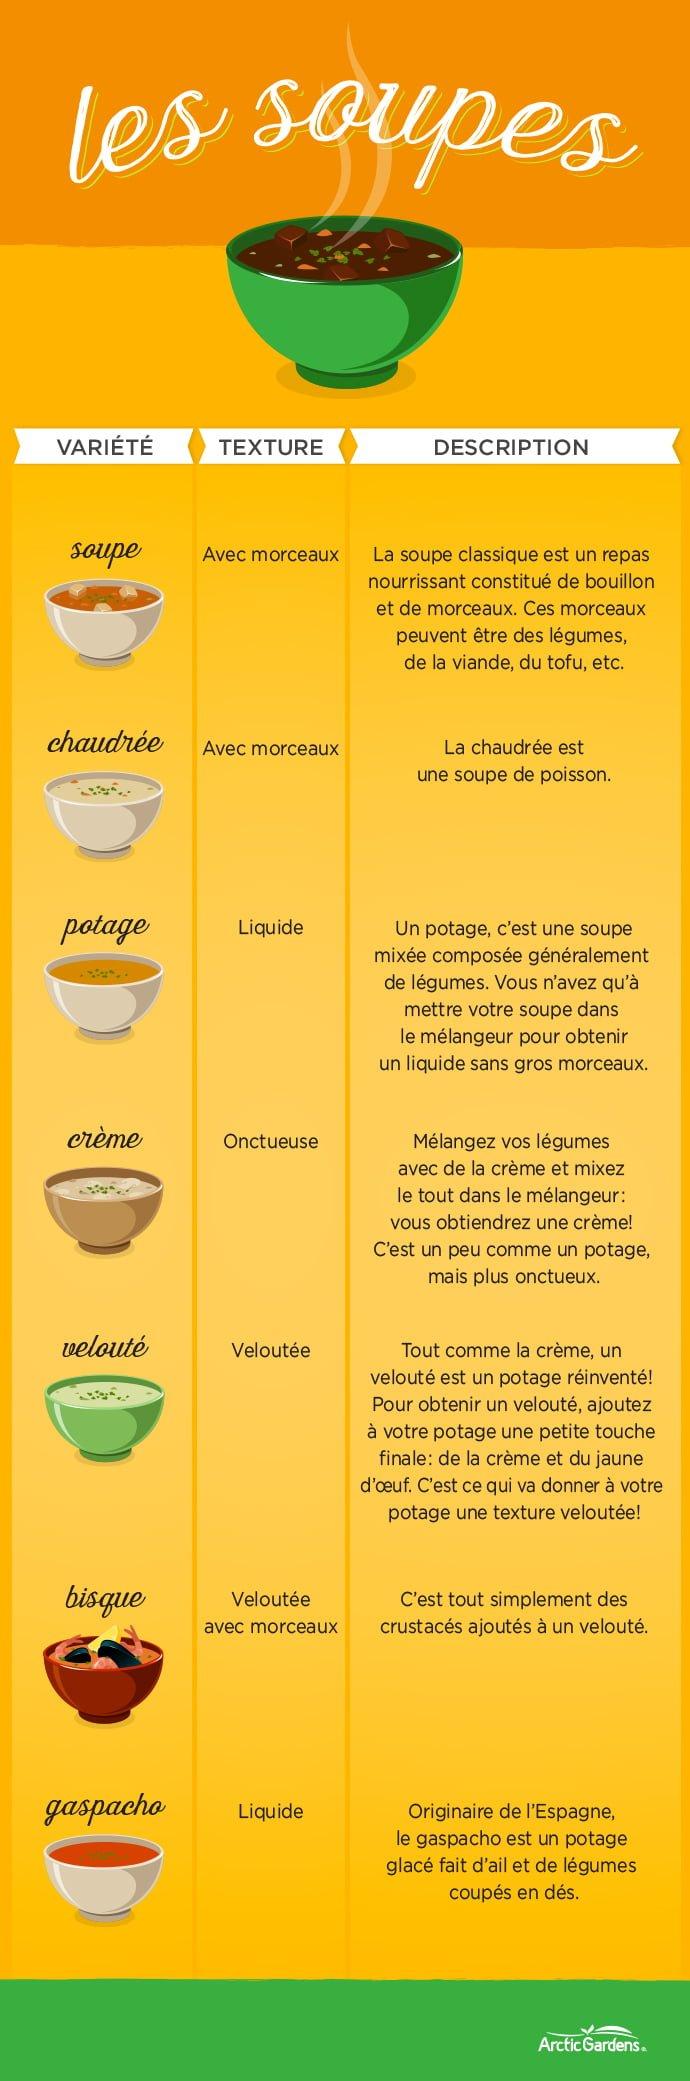 variétés des soupes